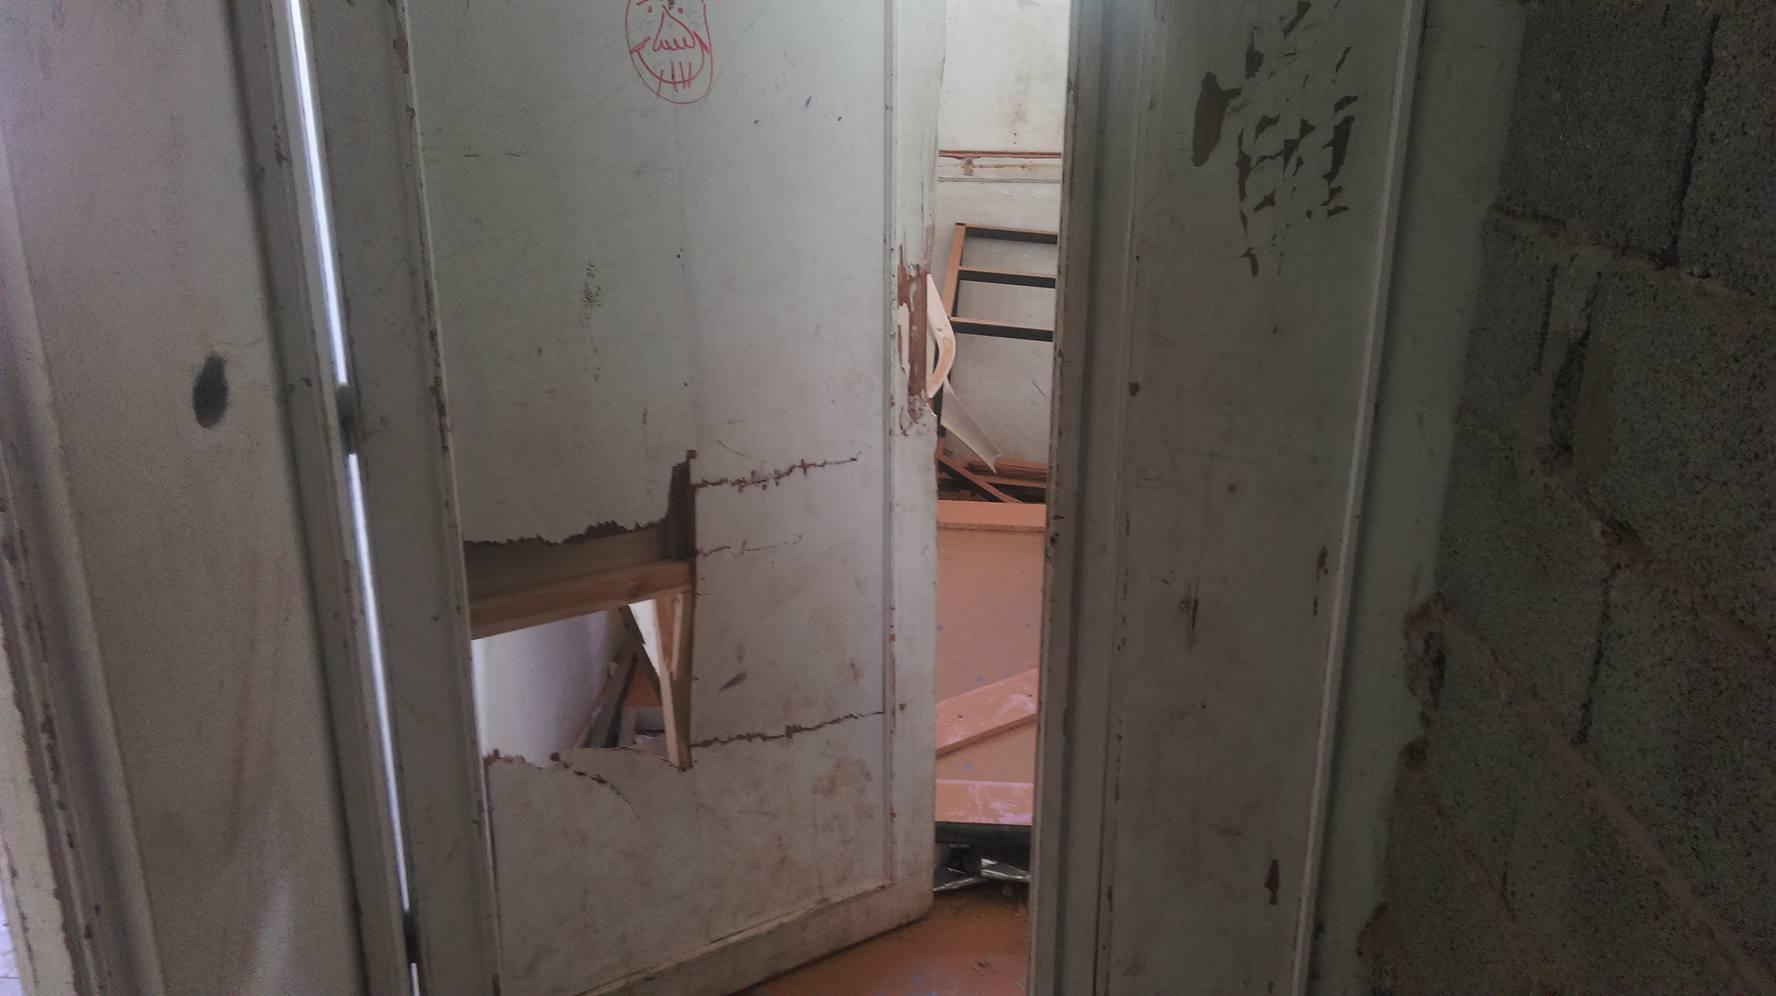 إهمال كبير في مدرسة بمخيم لنازحي تاورغاء في ترهونة